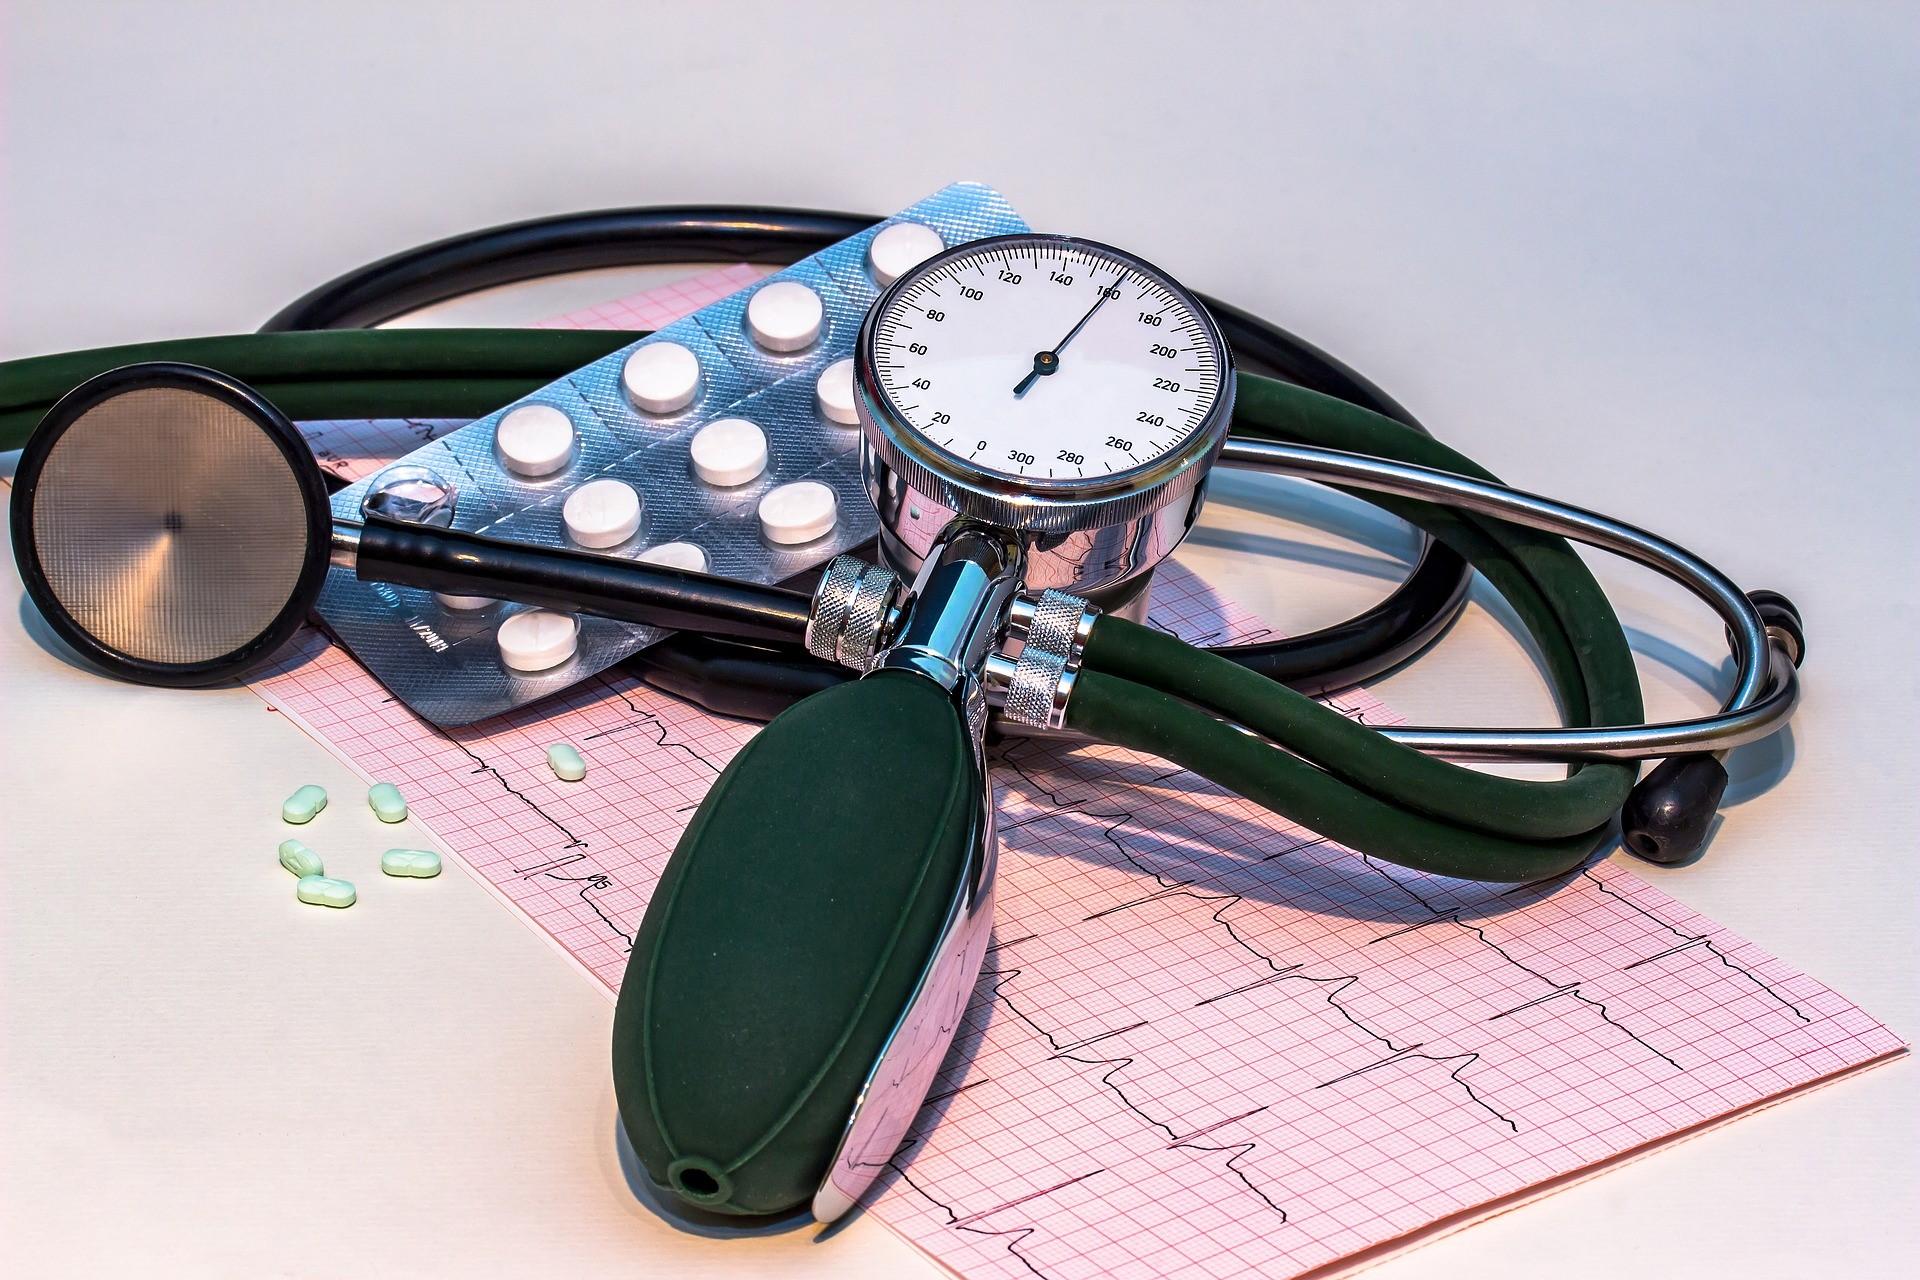 vaistai vartojami hipertenzijai gydyti